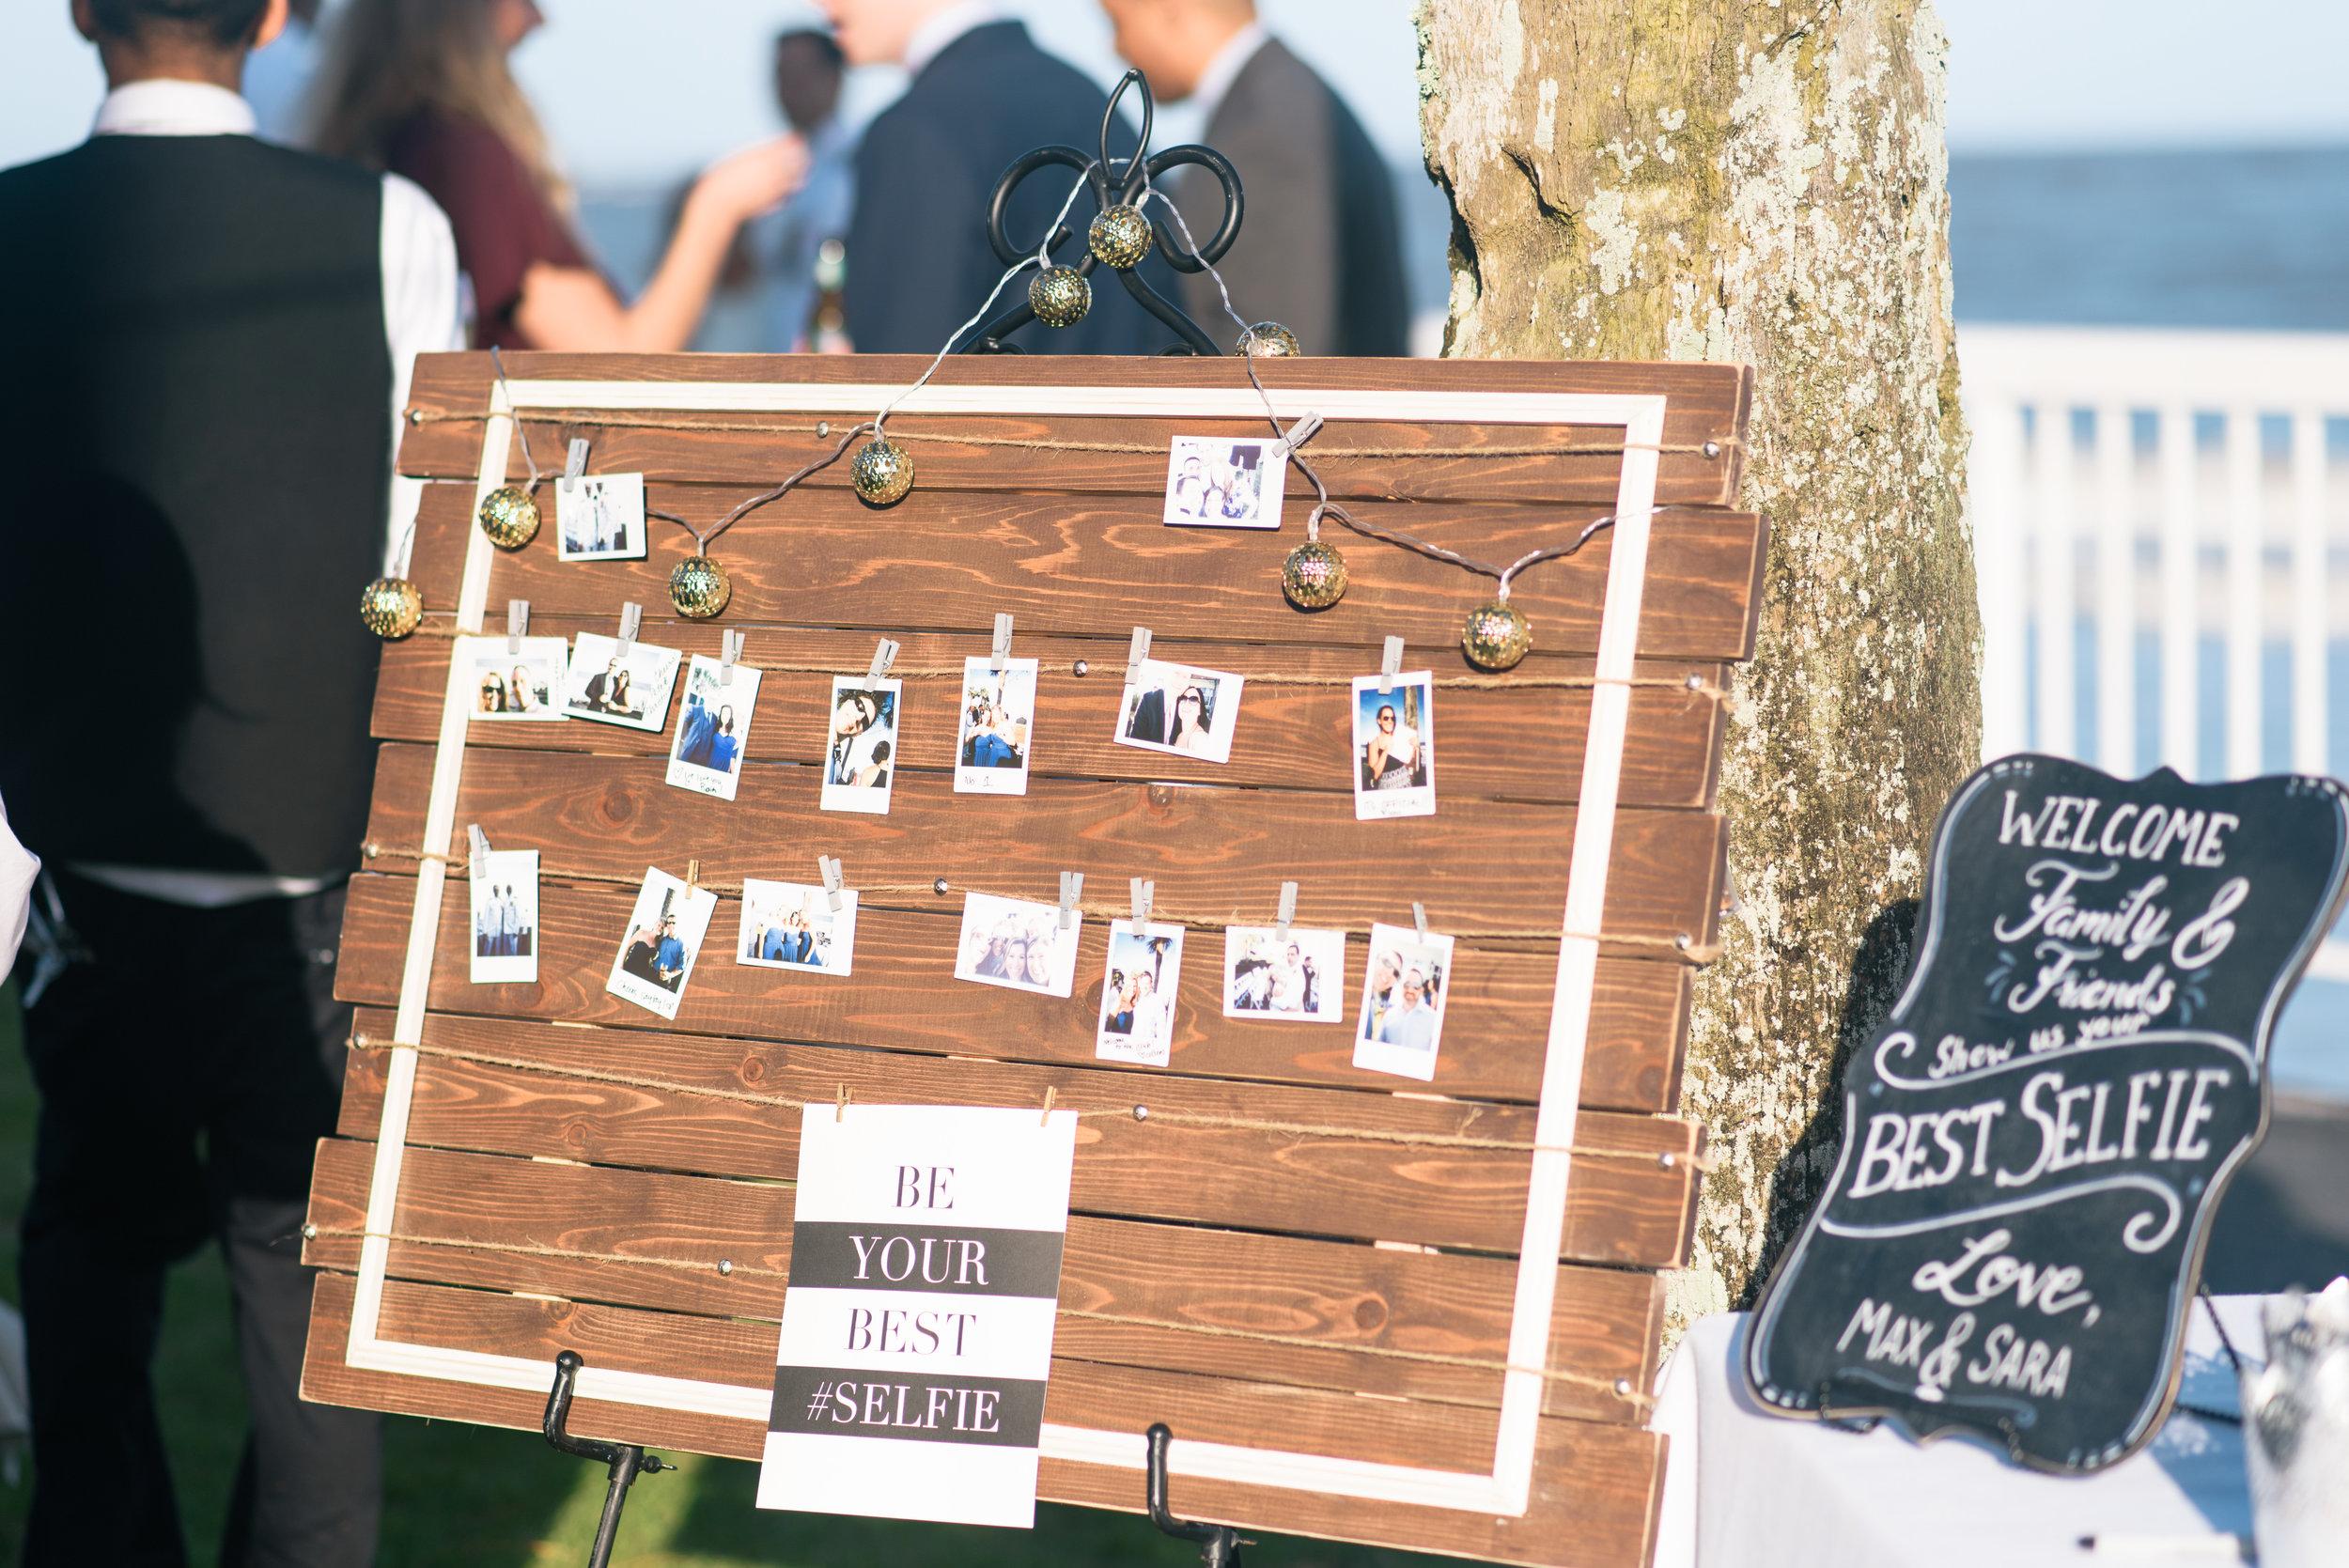 st-simons-island-elopement-photographer-savannah-elopement-photography-savannah-georgia-elopement-photographer-savannah-wedding-photographer-meg-hill-photo-jade-hill- (50 of 72).jpg